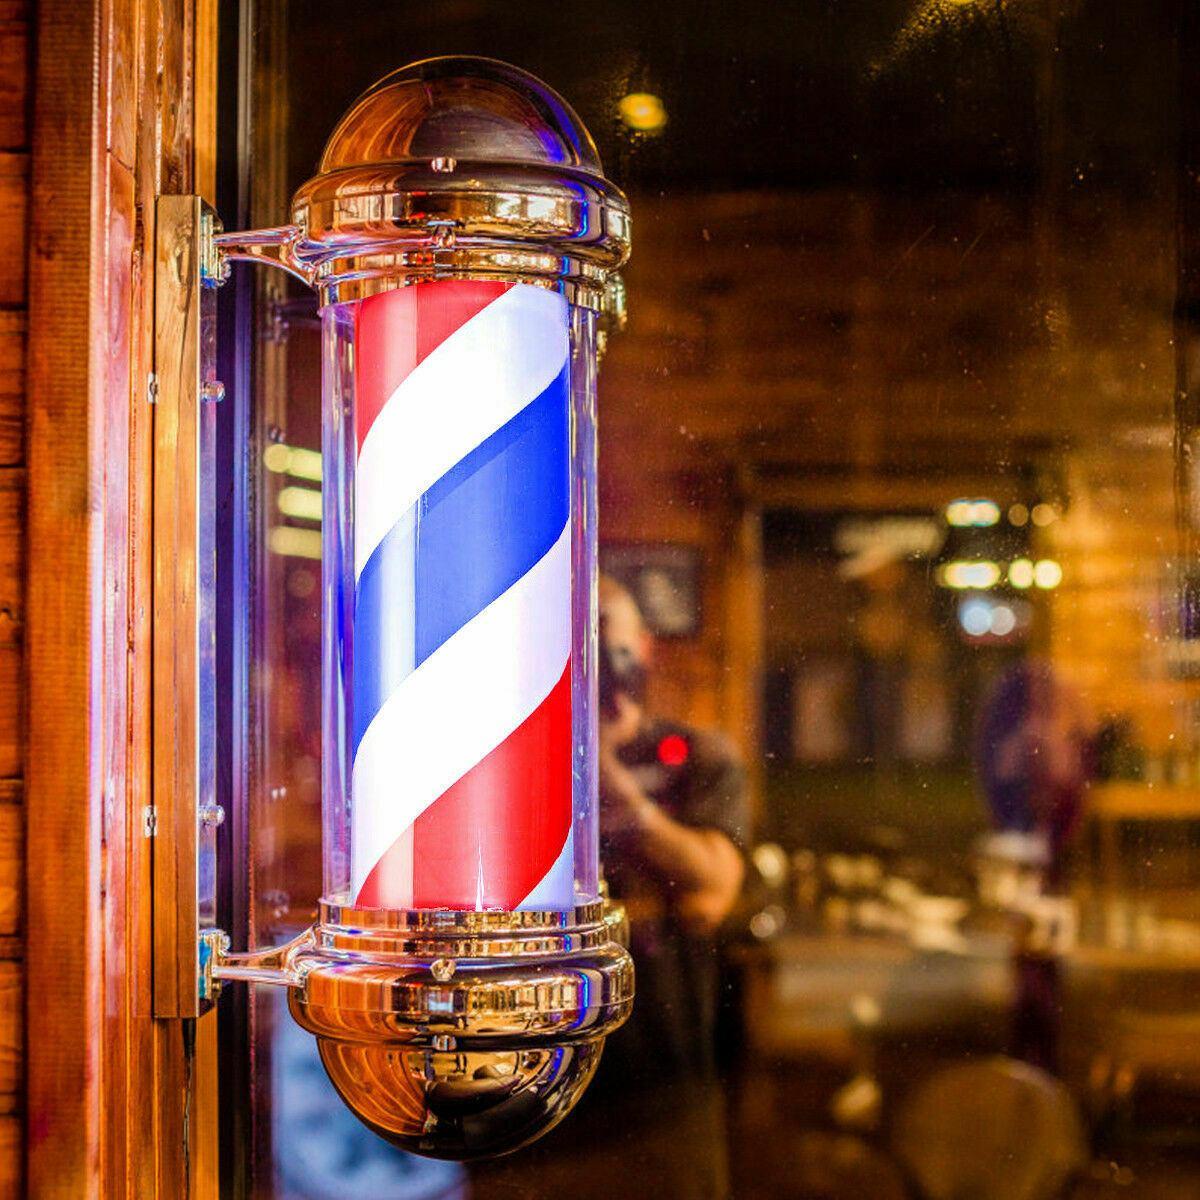 60/75 cm pôle de barbier éclairage rotatif équipement de Salon de beauté Salon de coiffure signe tenture murale LED Downlights rouge blanc bleu rayure